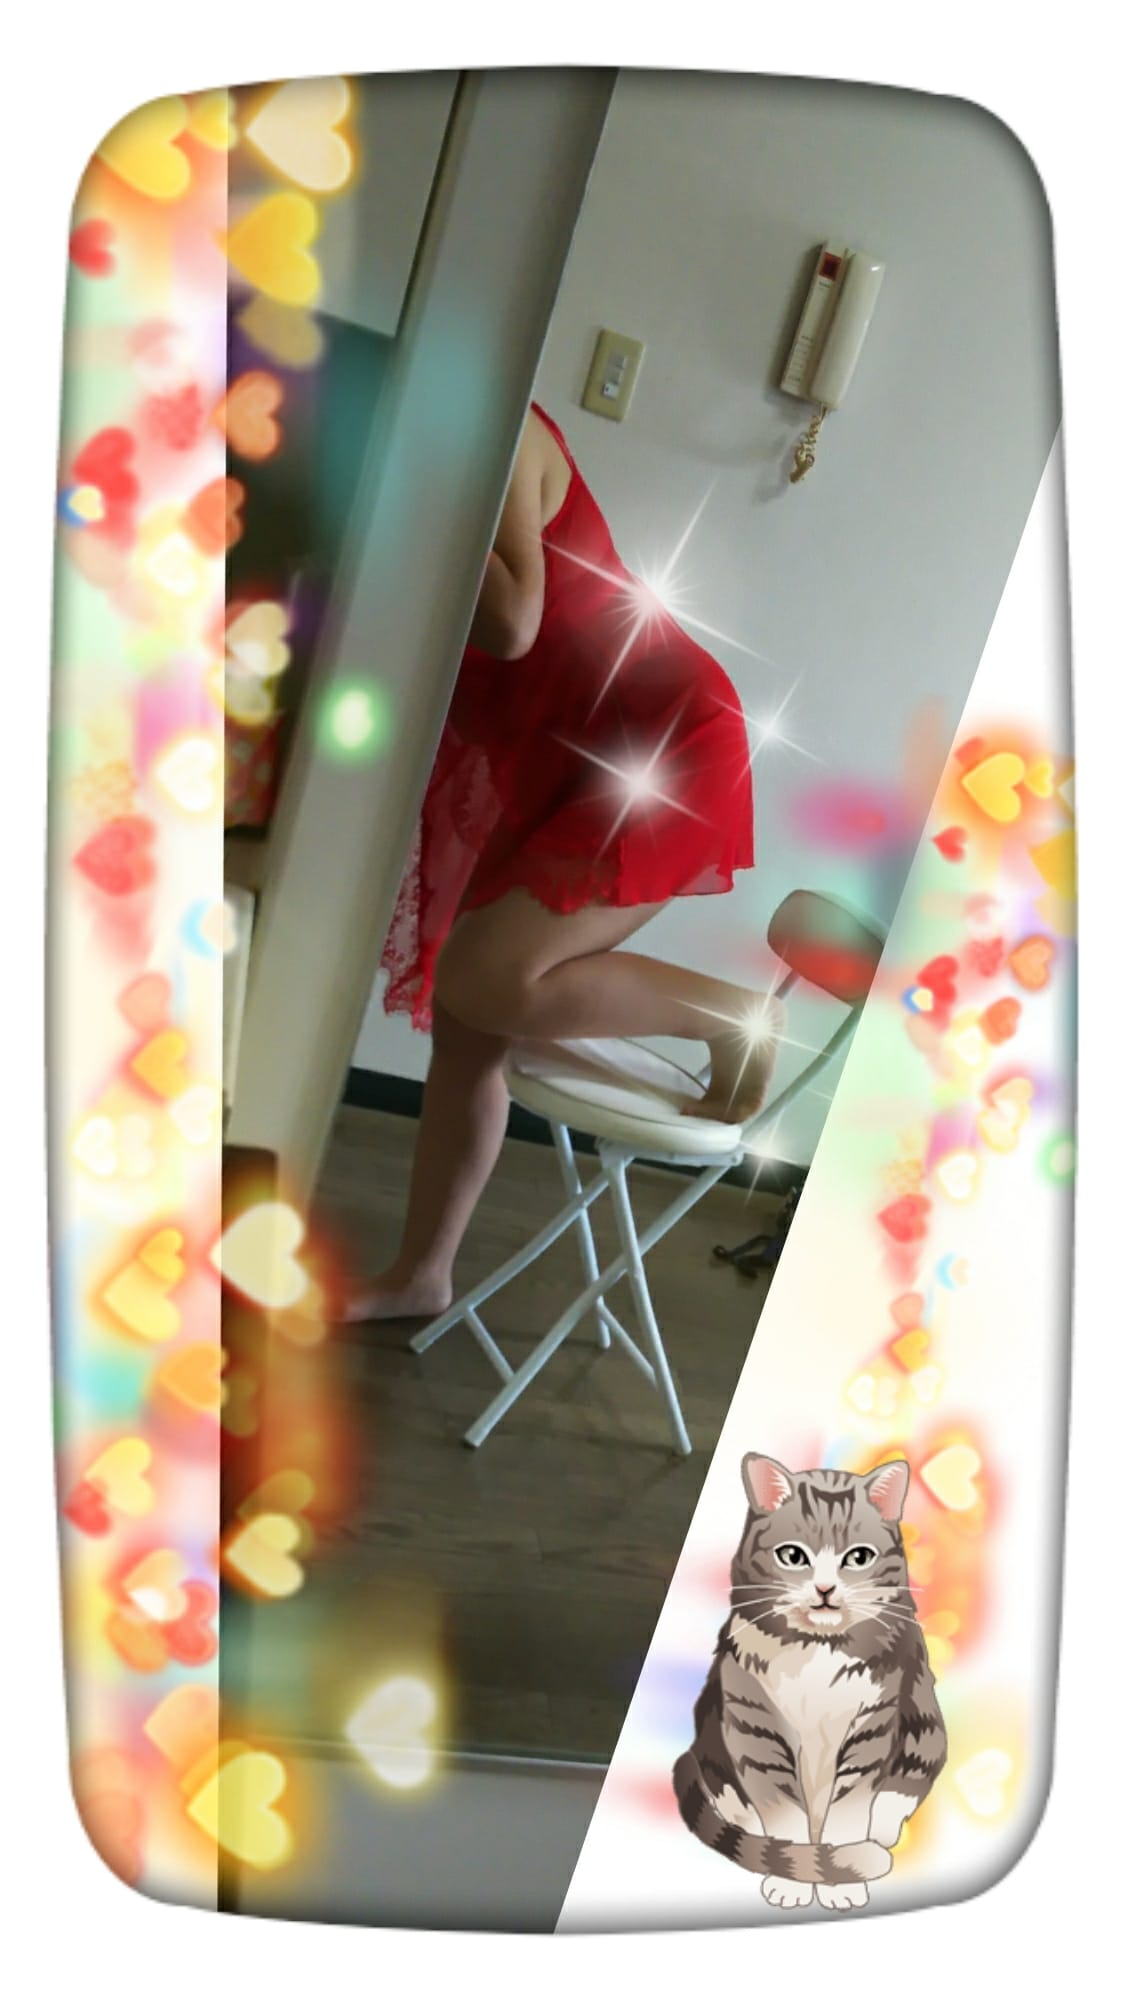 「☆おはようございます☆」09/19(火) 08:42 | 大林亜希子の写メ・風俗動画